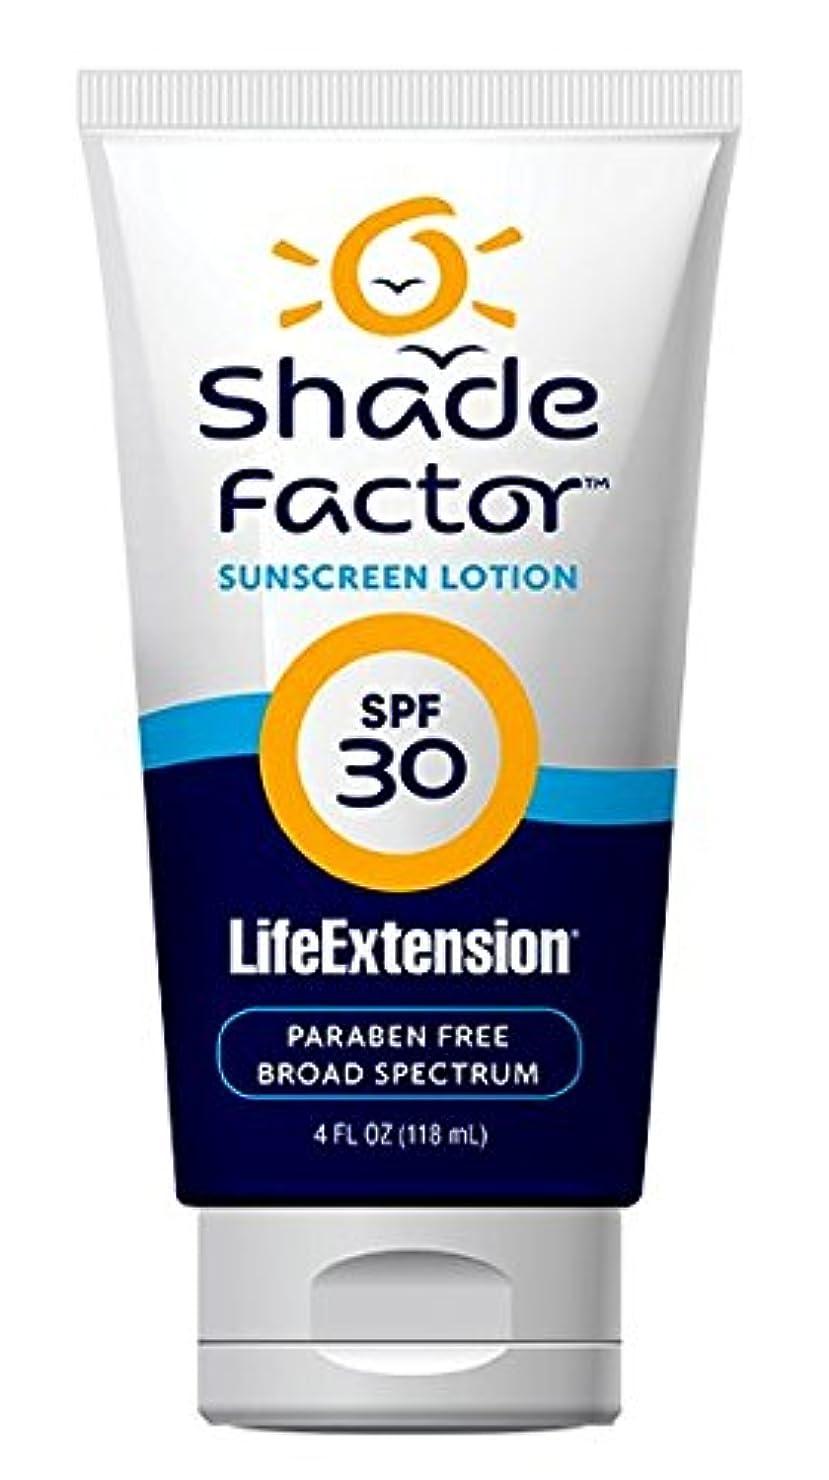 推測する塩辛い組(シェードファクター?サンスクリーンローションSPF30_118ml(LifeExtension)) Shade Factor Sunscreen Lotion SPF30 Made in USA